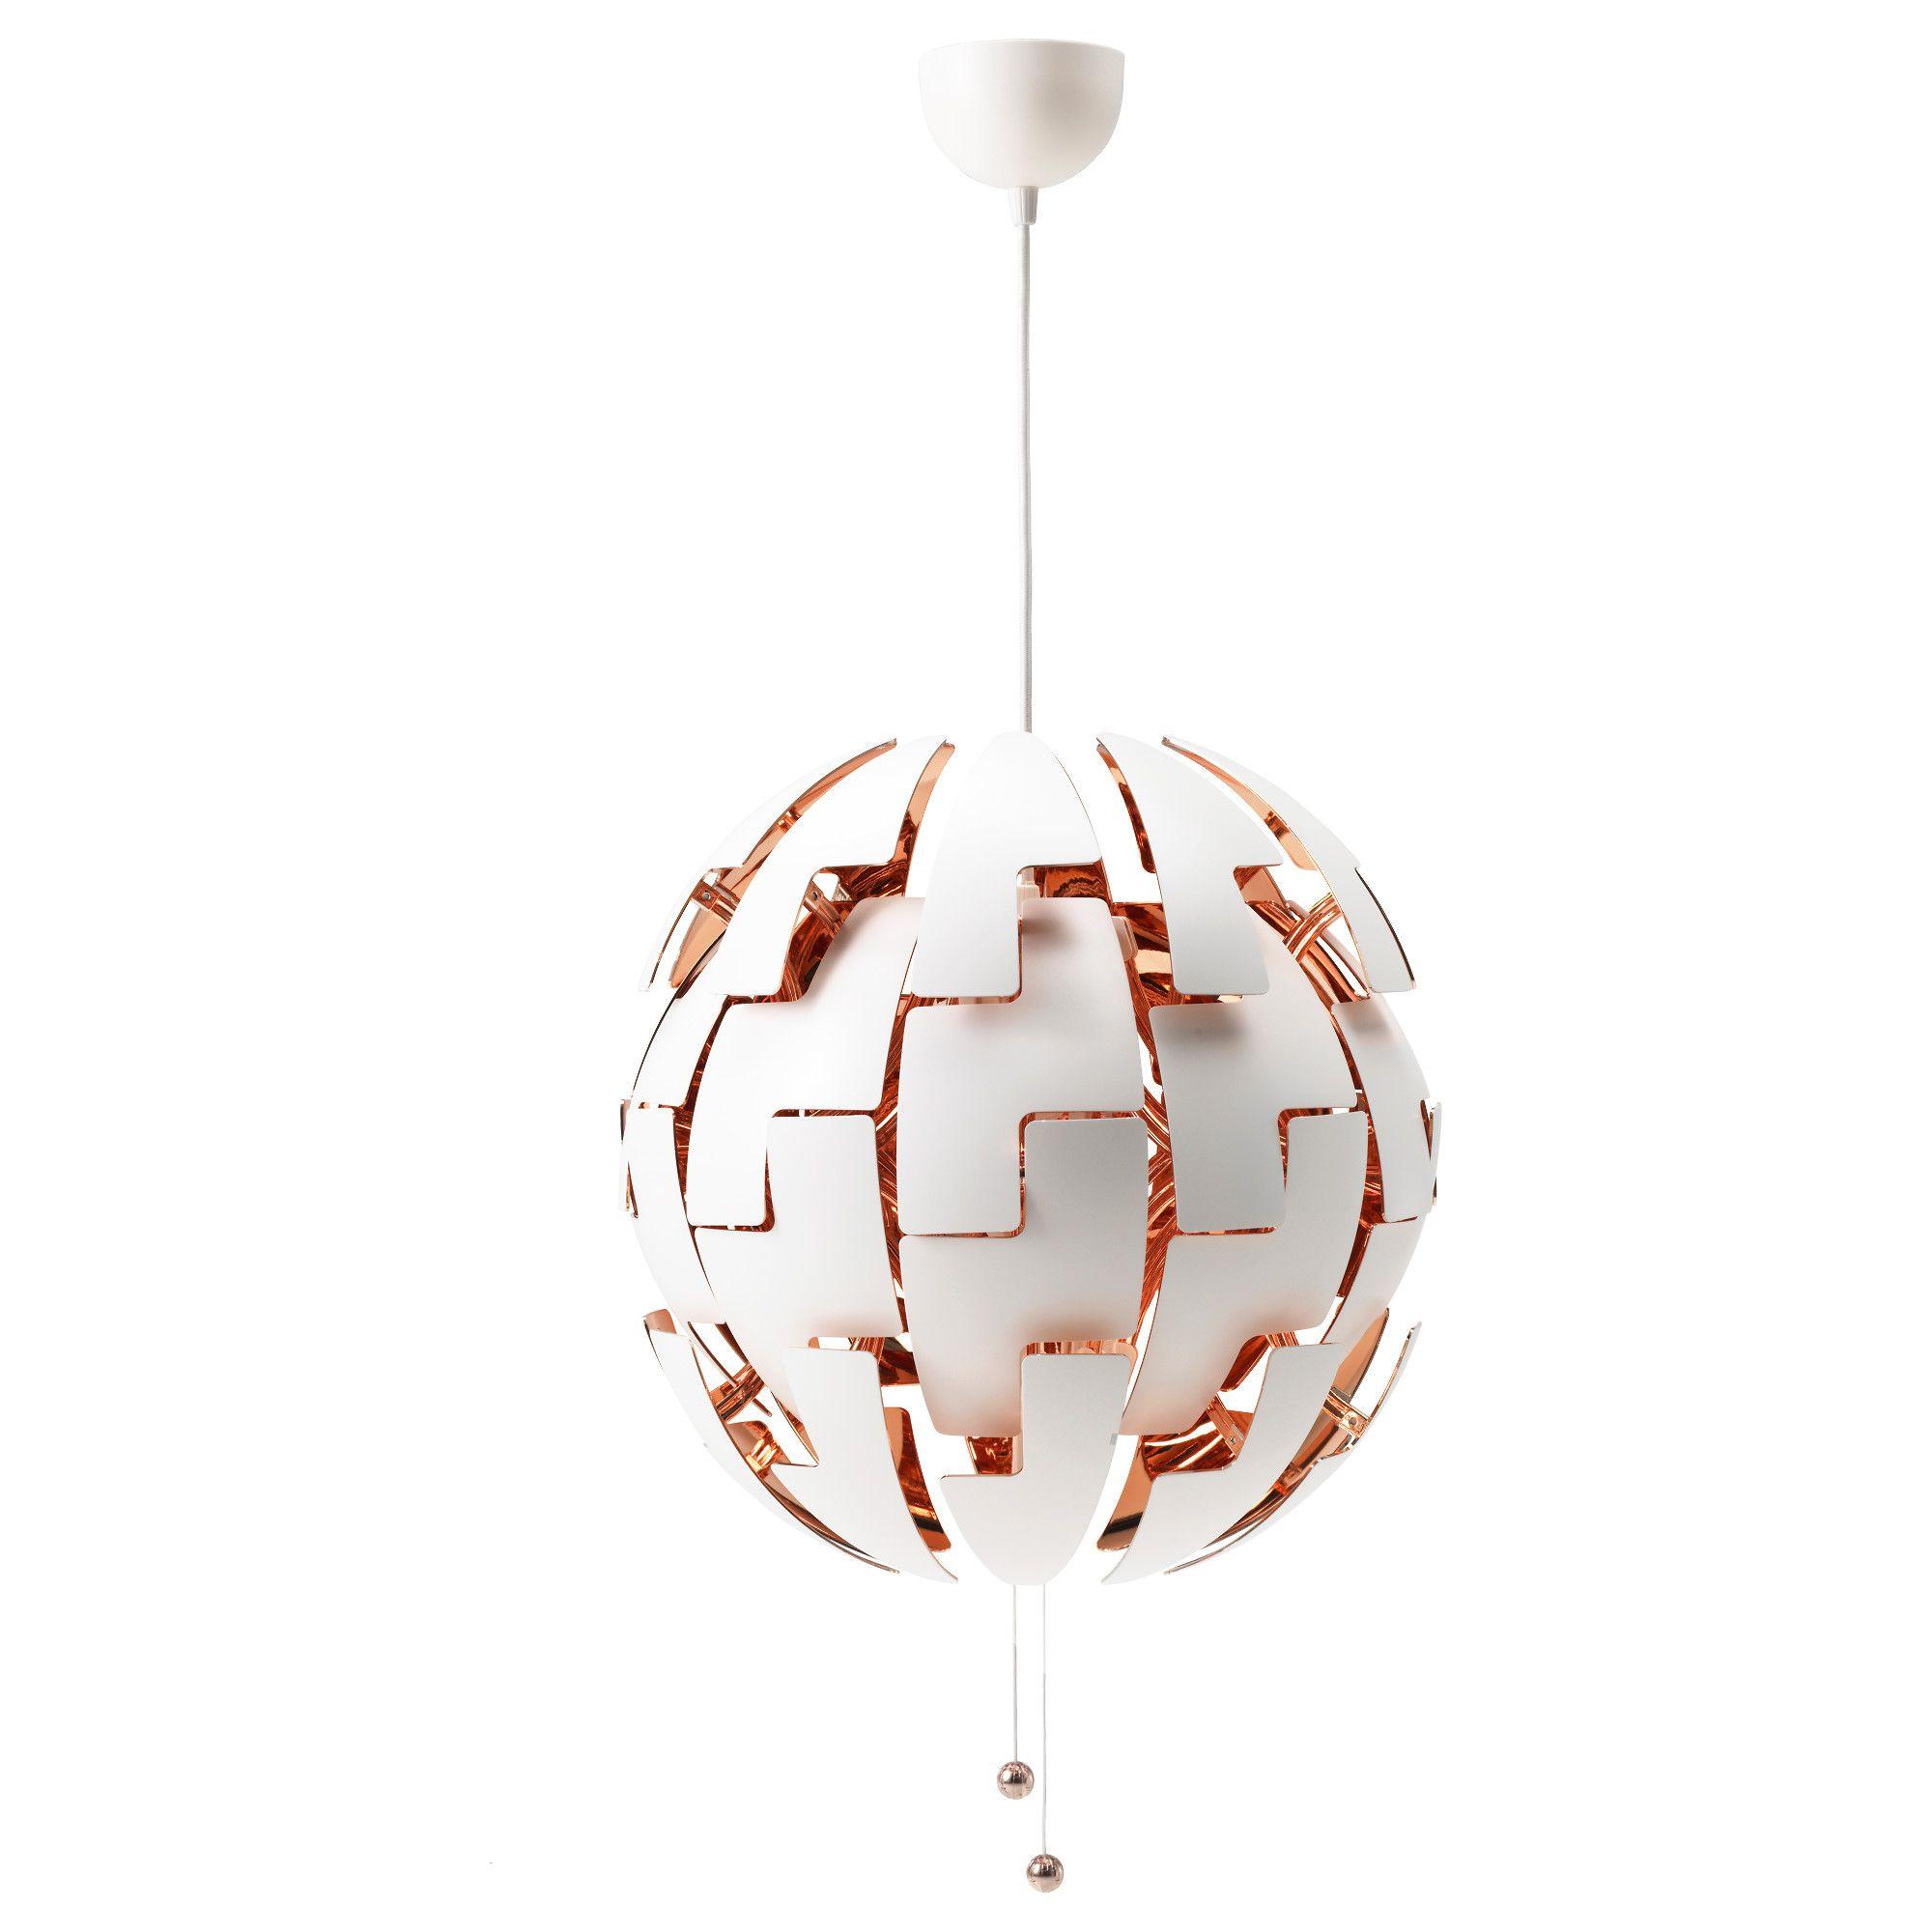 Mobilier Et Decoration Interieur Et Exterieur Lampe Suspendue Ps Ikea Luminaire Plafond